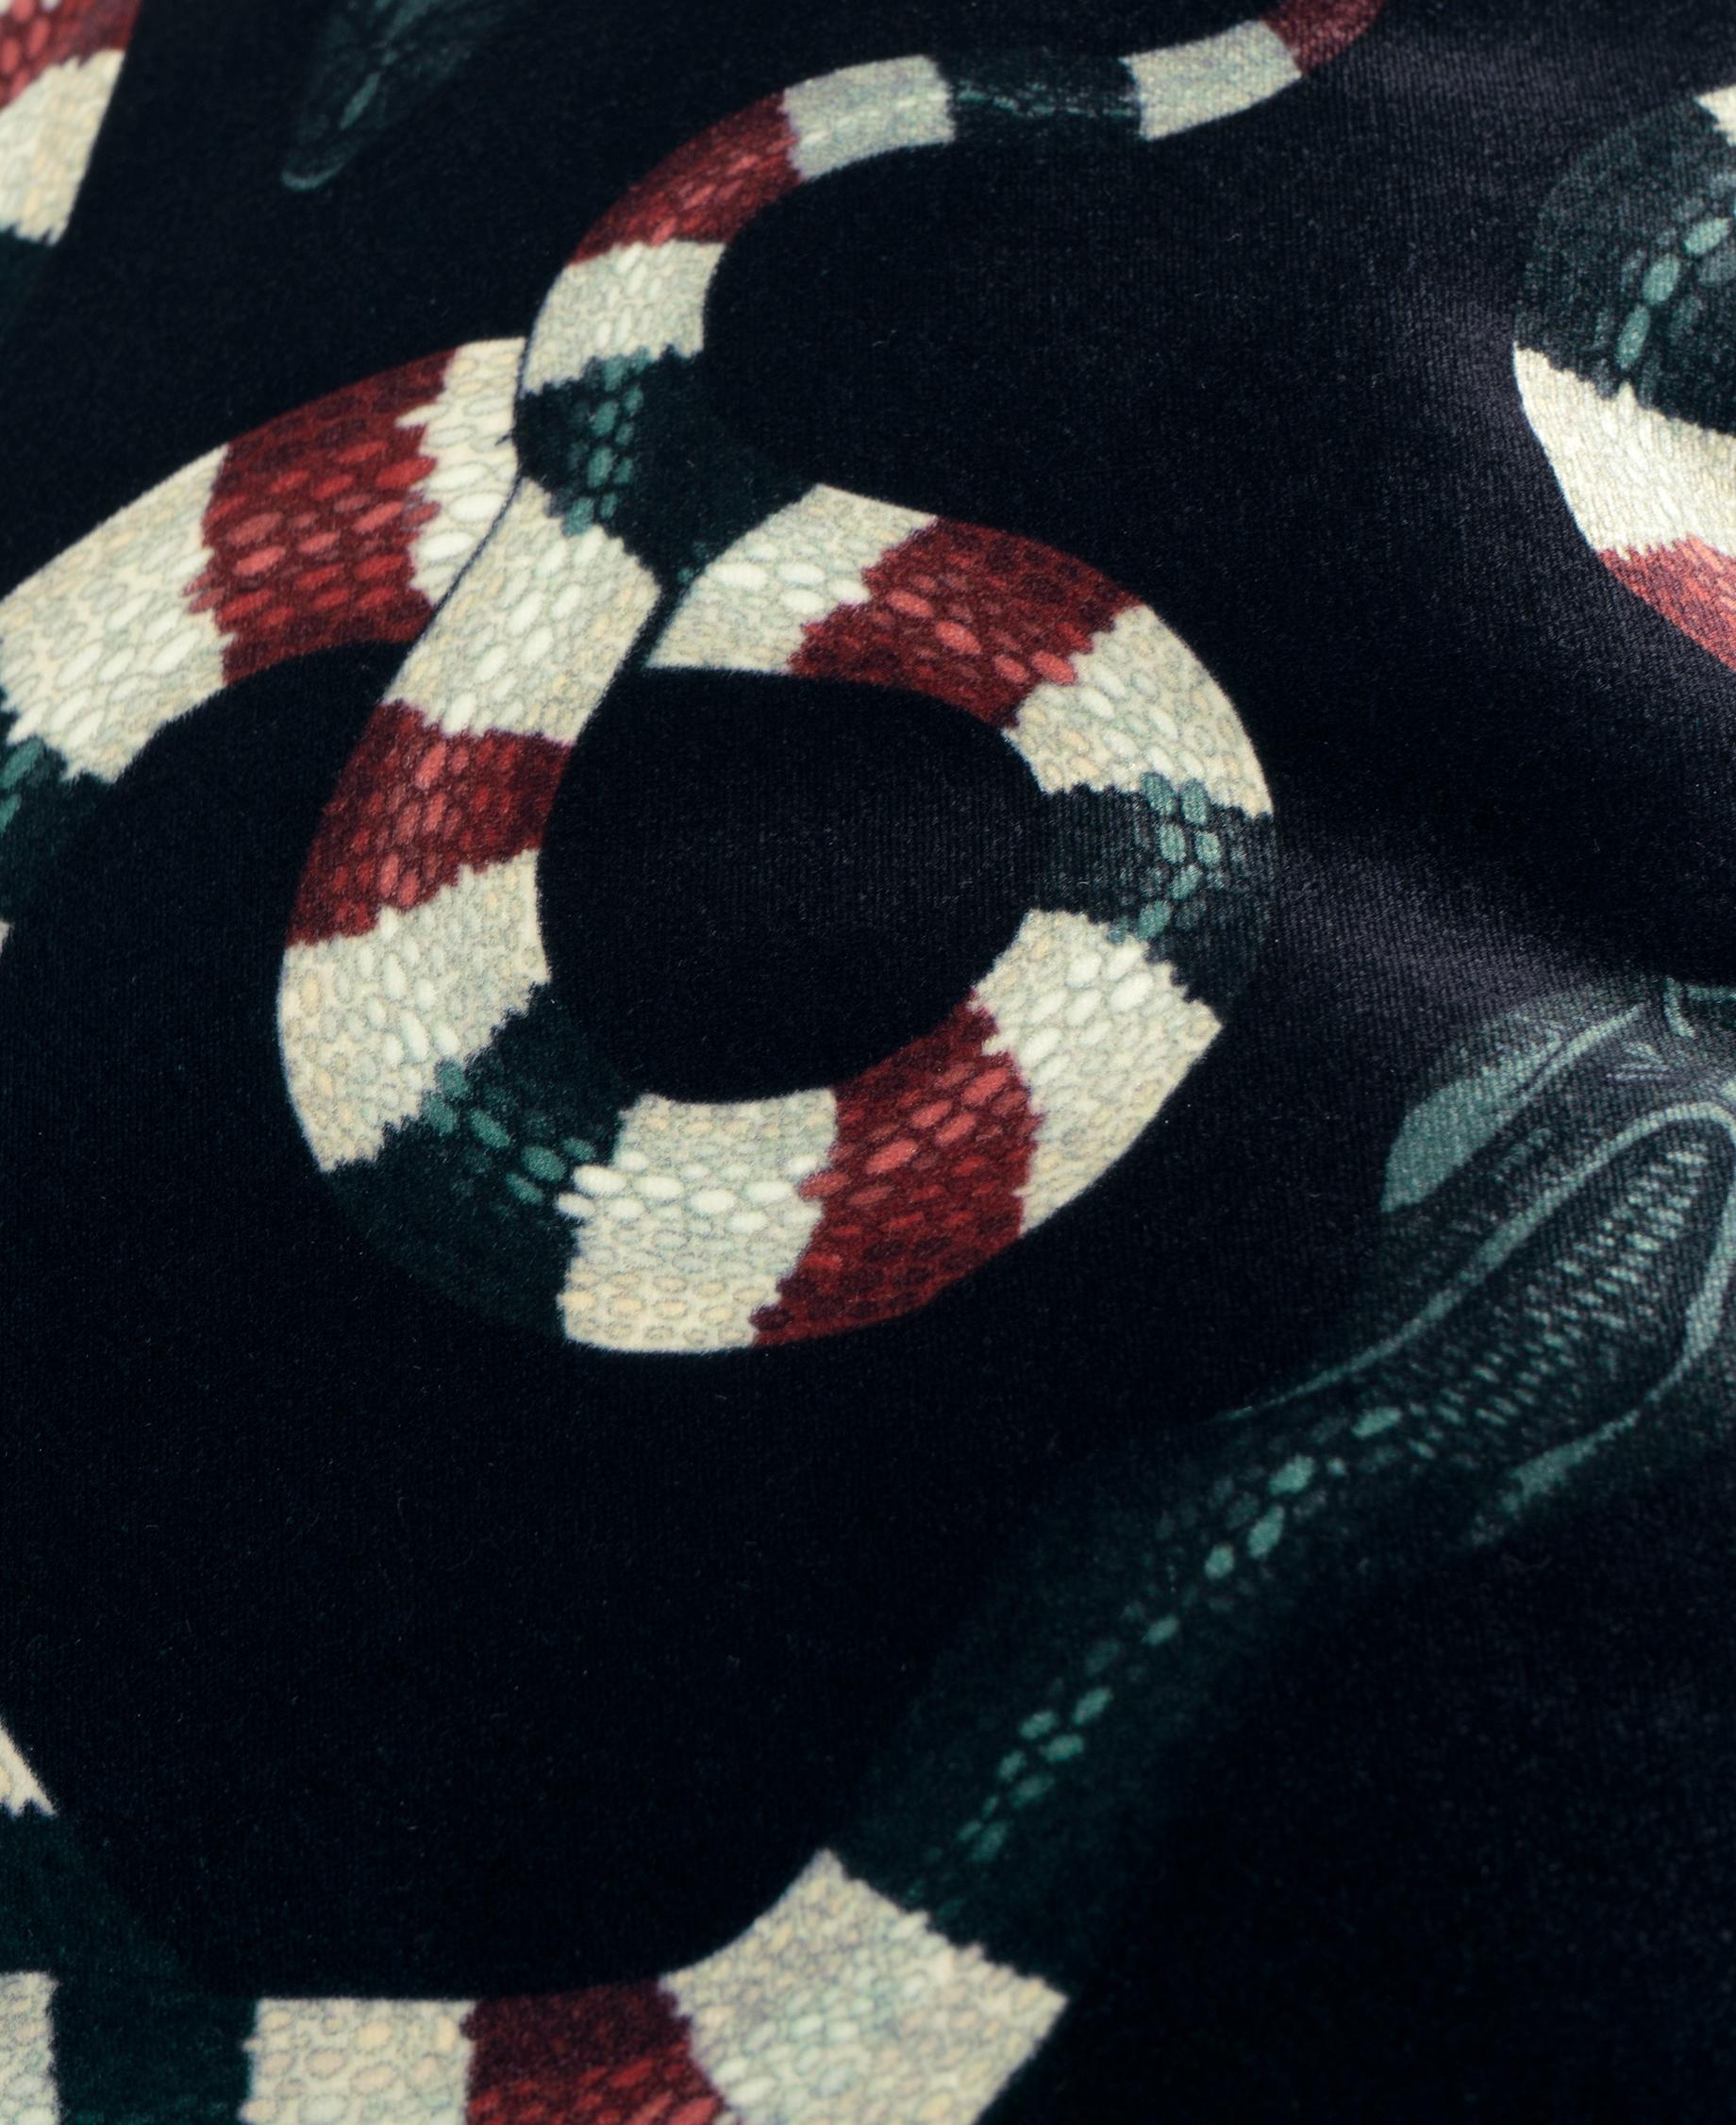 Coussin Snakes en velours - WOOUF